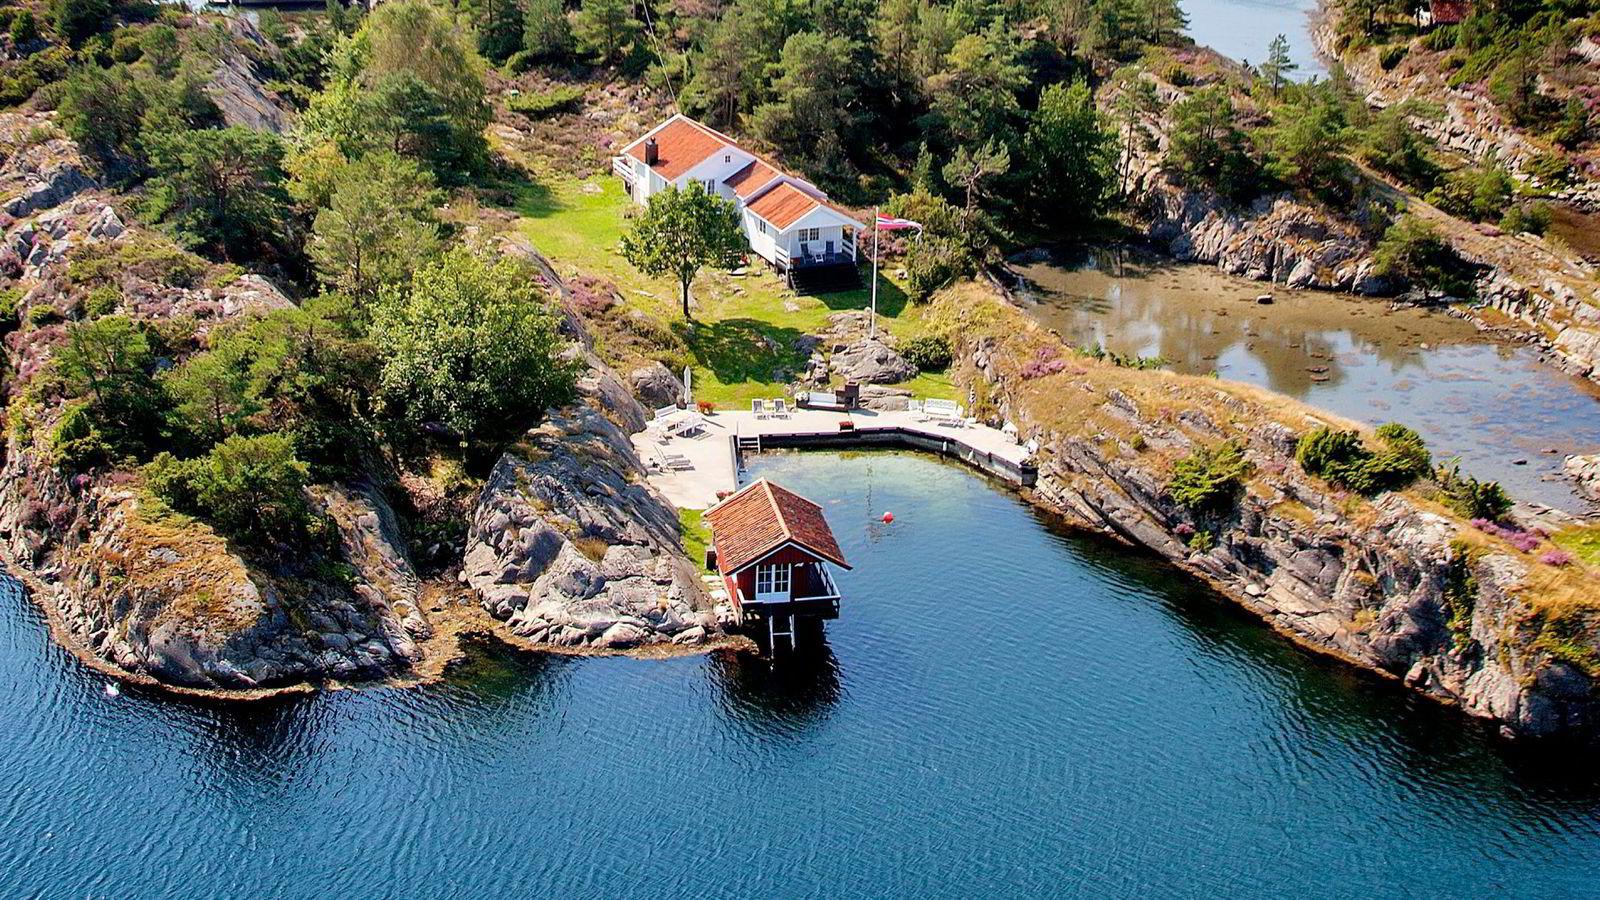 Eiendommen på Furuholmen utenfor Kristiansand hadde en prisantydning på 6 millioner kroner og ble solgt for 5,2 millioner.